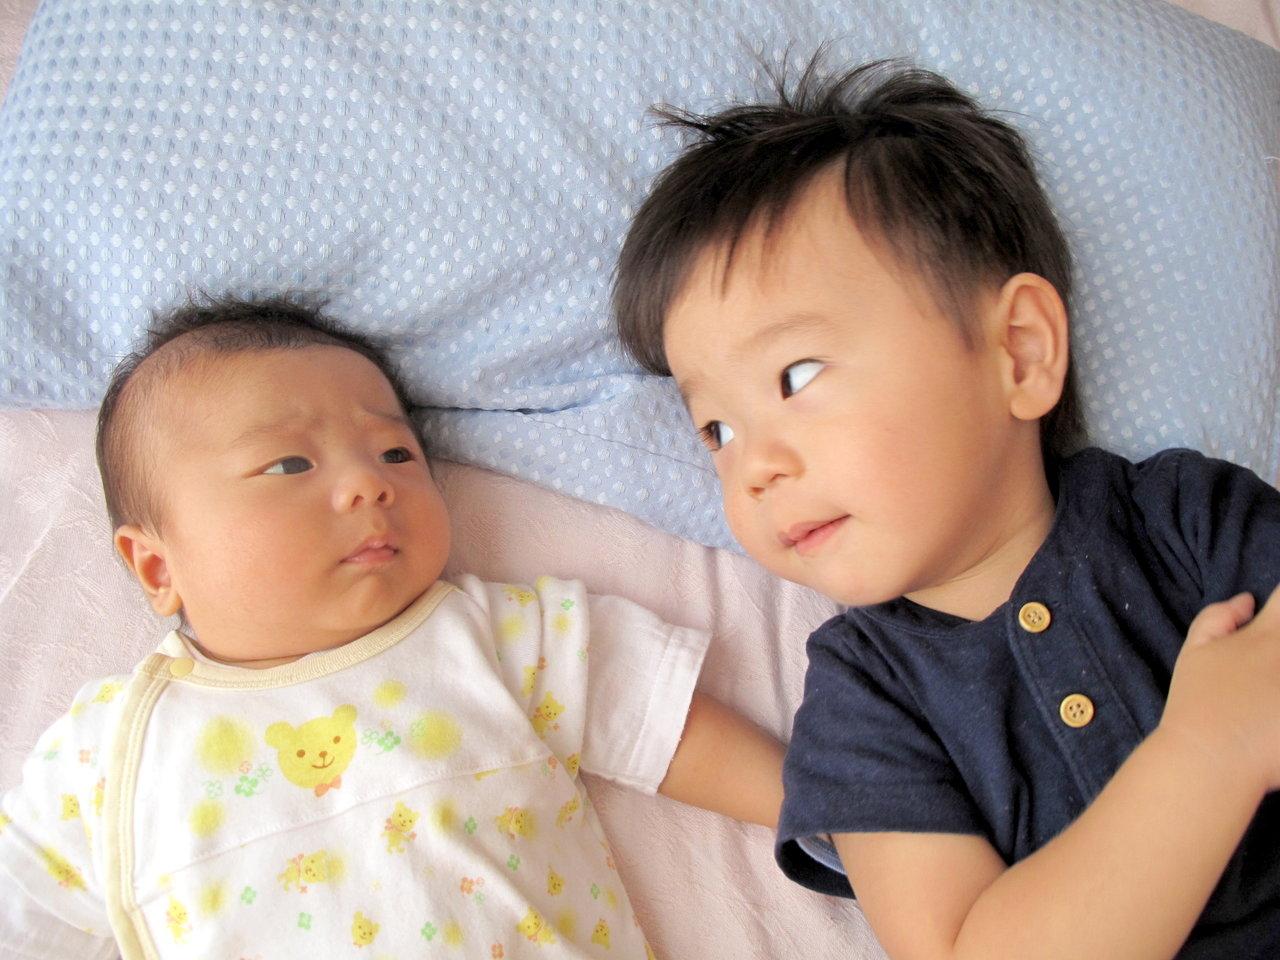 上の子が赤ちゃんに嫉妬するときは?赤ちゃん返りの理由と対応のコツ